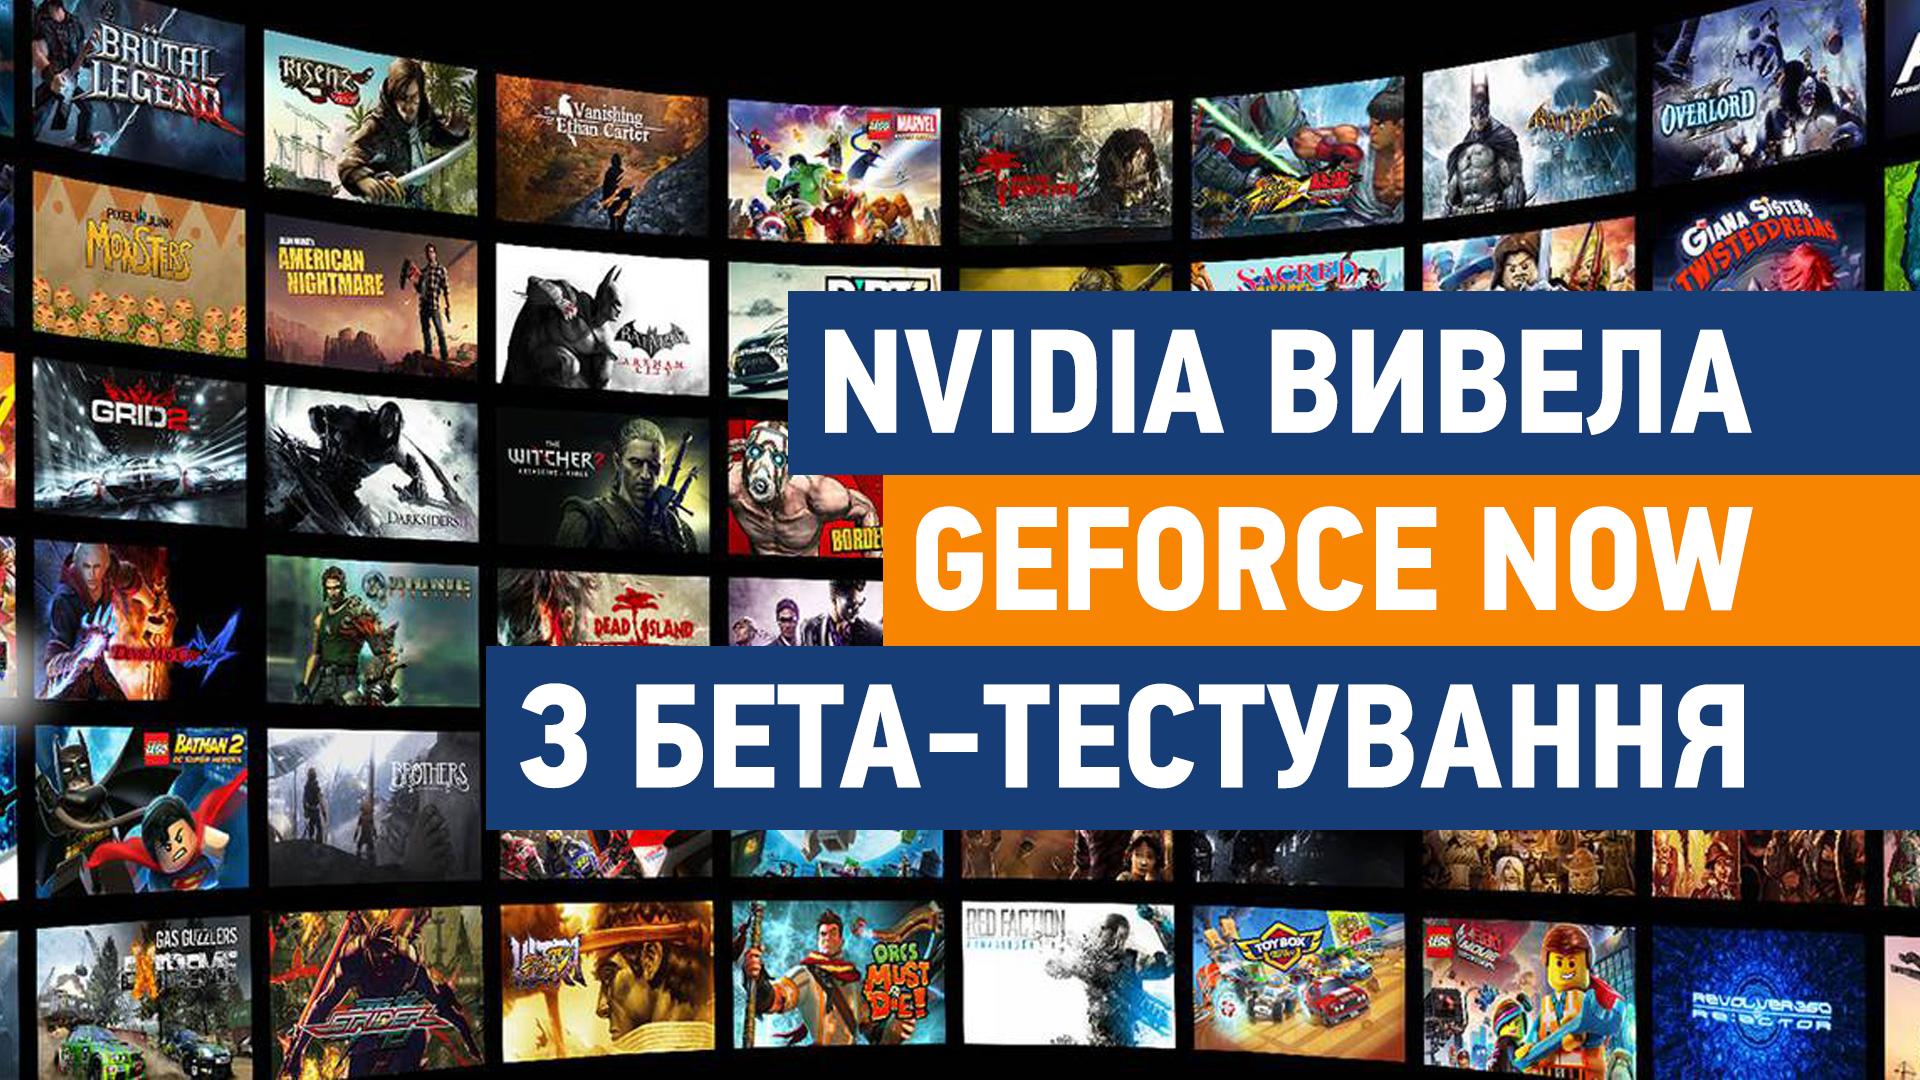 NVIDIA вивела GeForce Now з бета-тестування. Спробувати можна безкоштовно